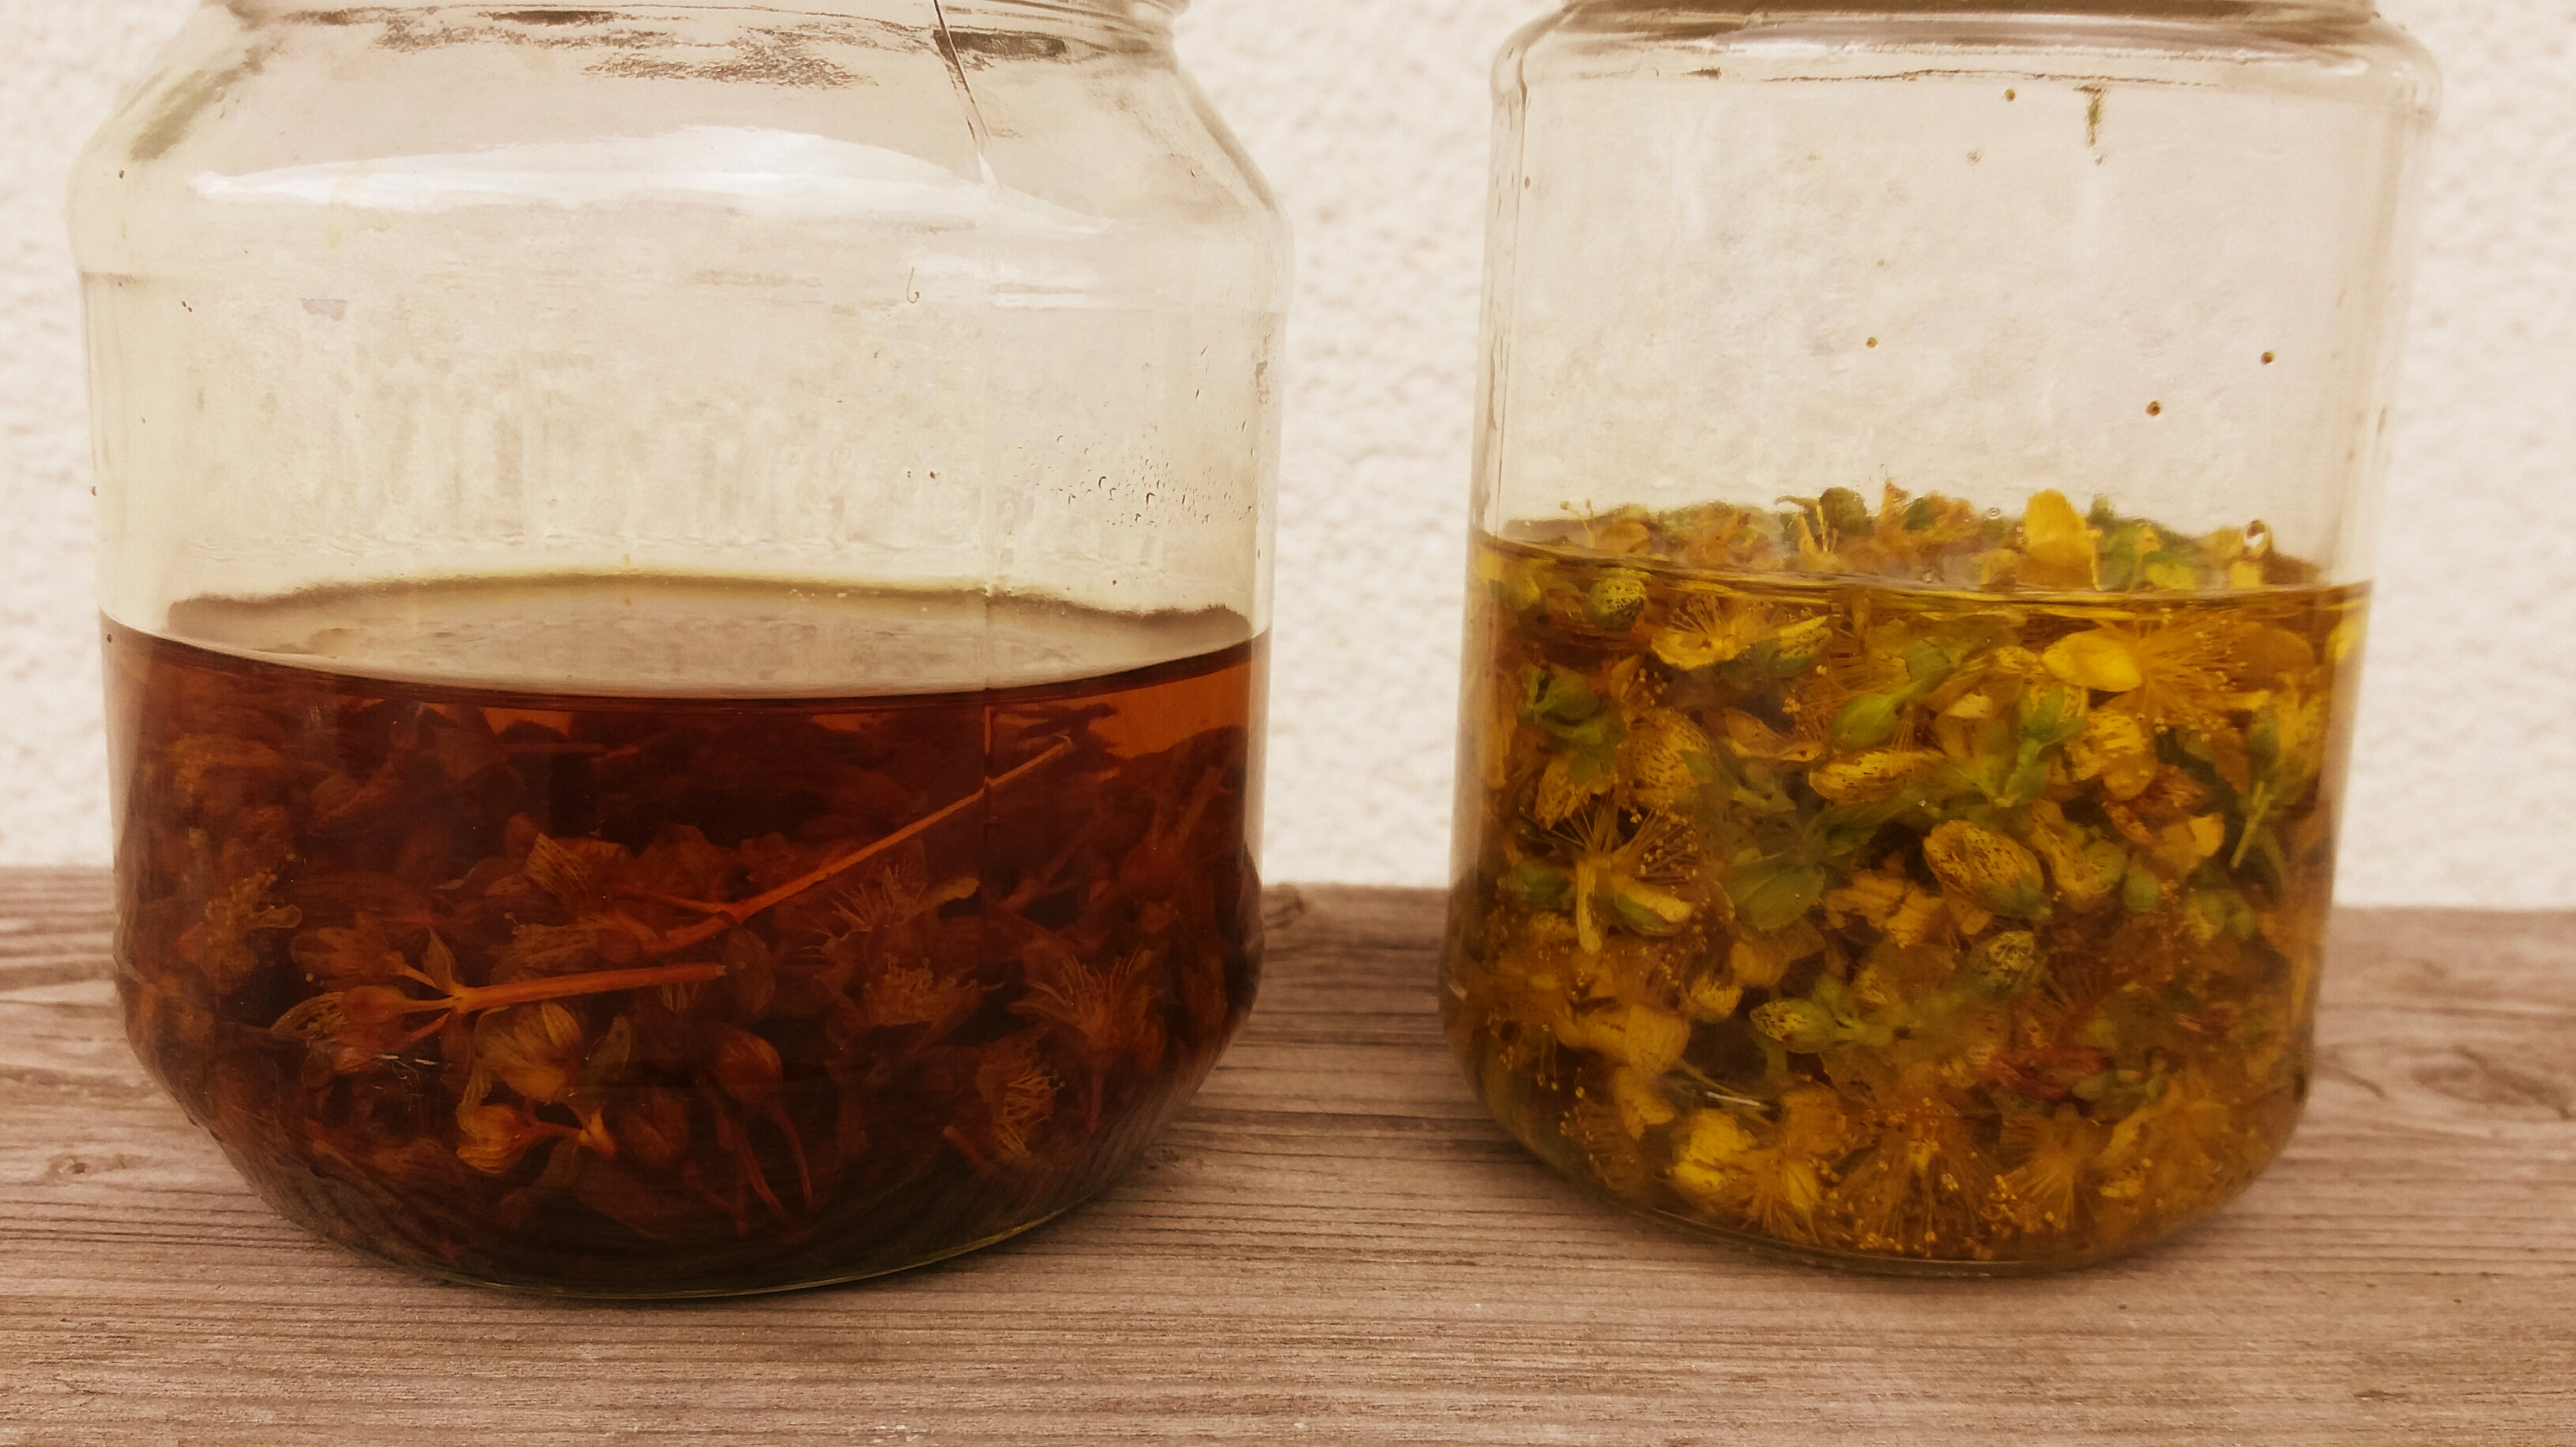 Johanniskrautöl 1 Woche alt - und frisch.